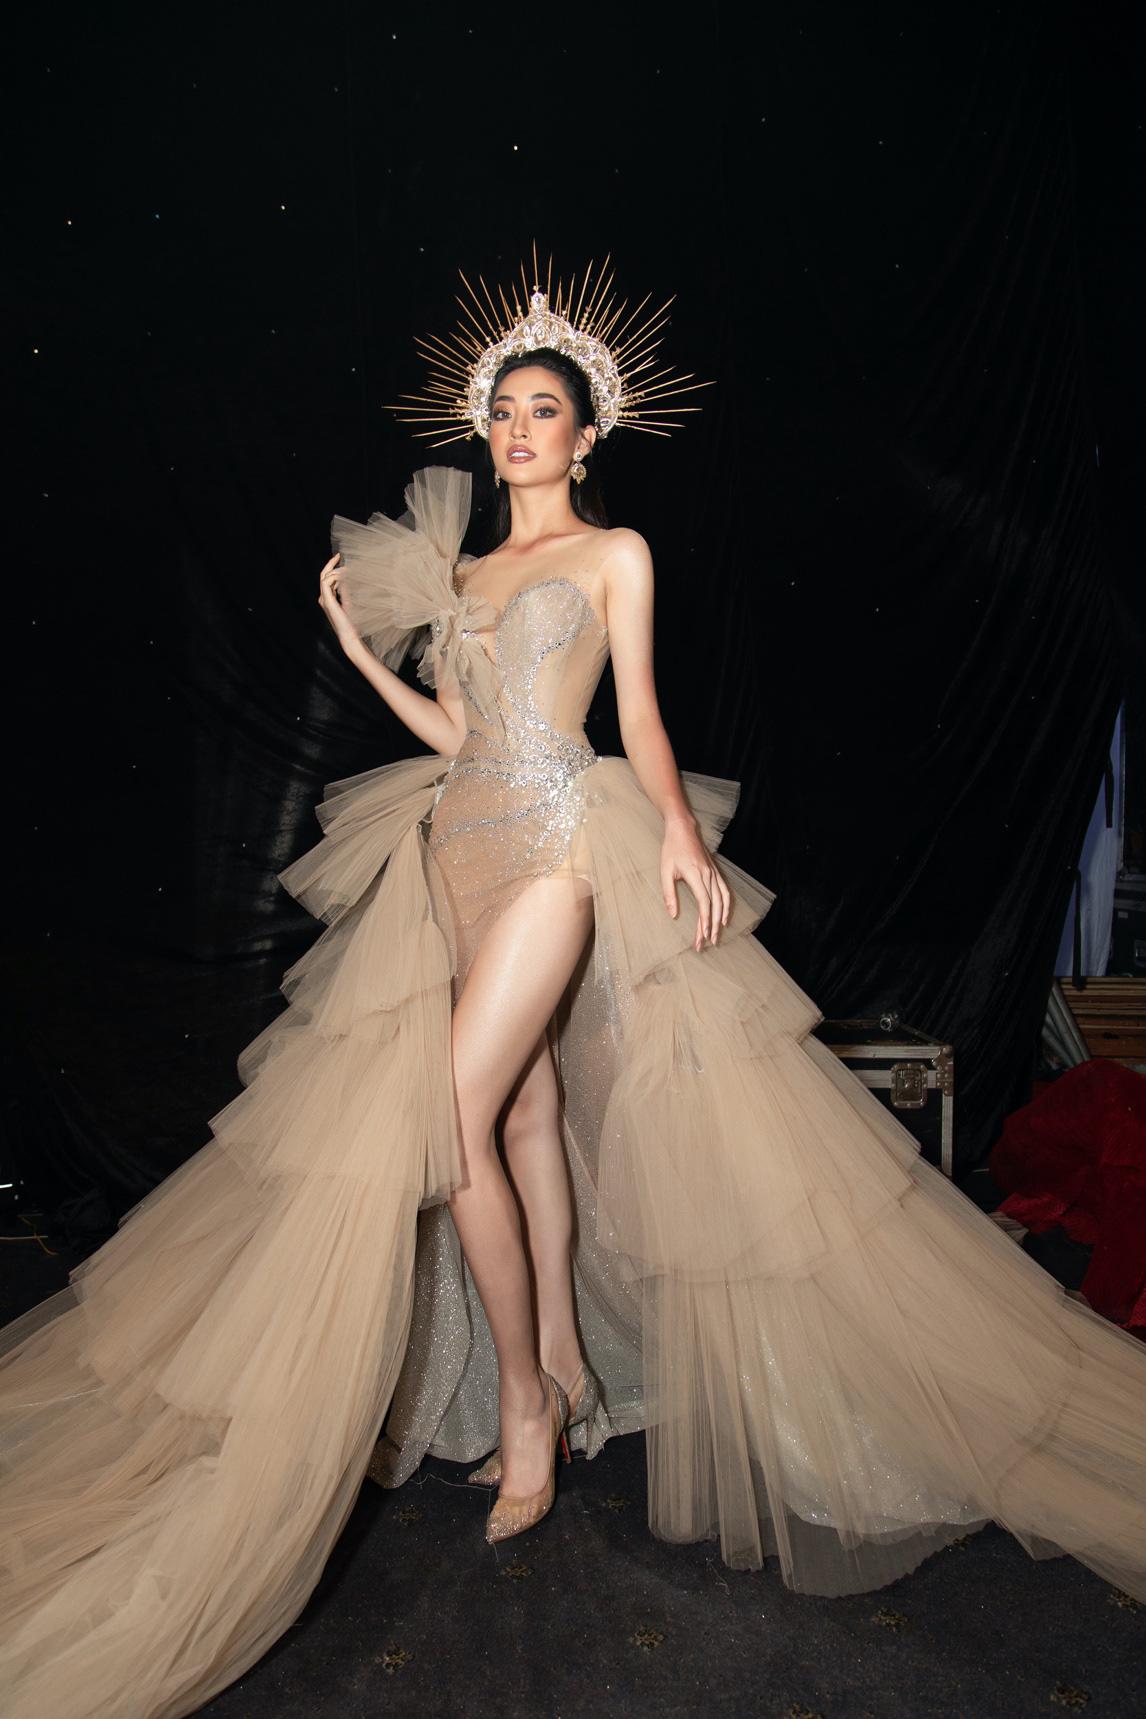 Hoa hậu Lương Thuỳ Linh xuất sắc trong vị trí Vedette Nữ thần mùa hạ - Ảnh 1.